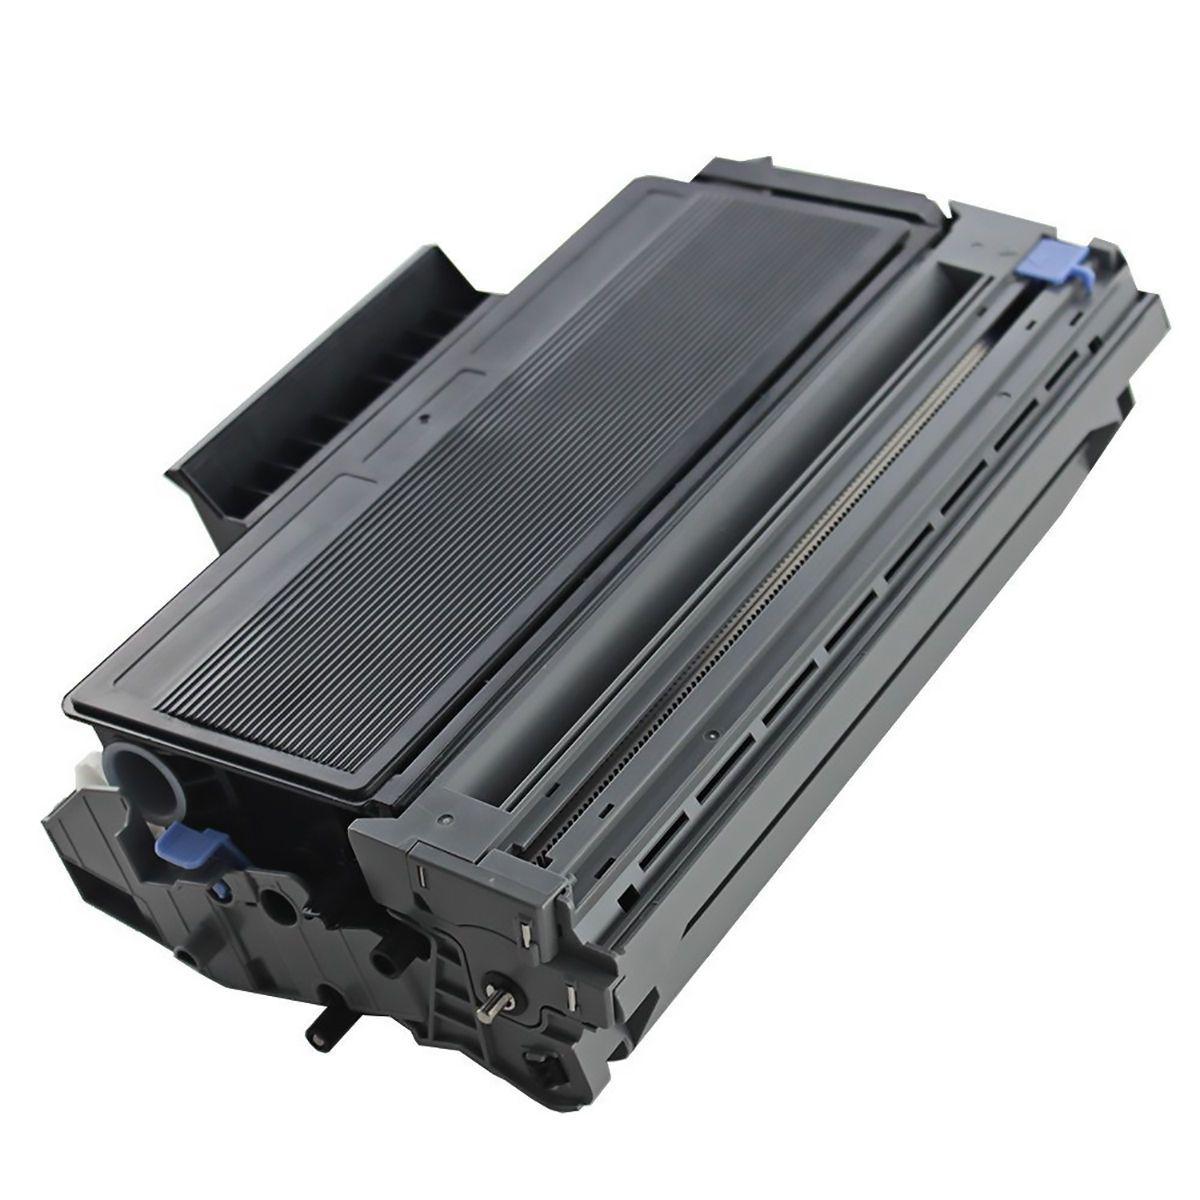 Compatível: Combo Cartucho de Cilindro DR520 + Toner TN650 TN620 para Brother DCP-8065dn 8080 MFC-8890dw 8880 HL-5370